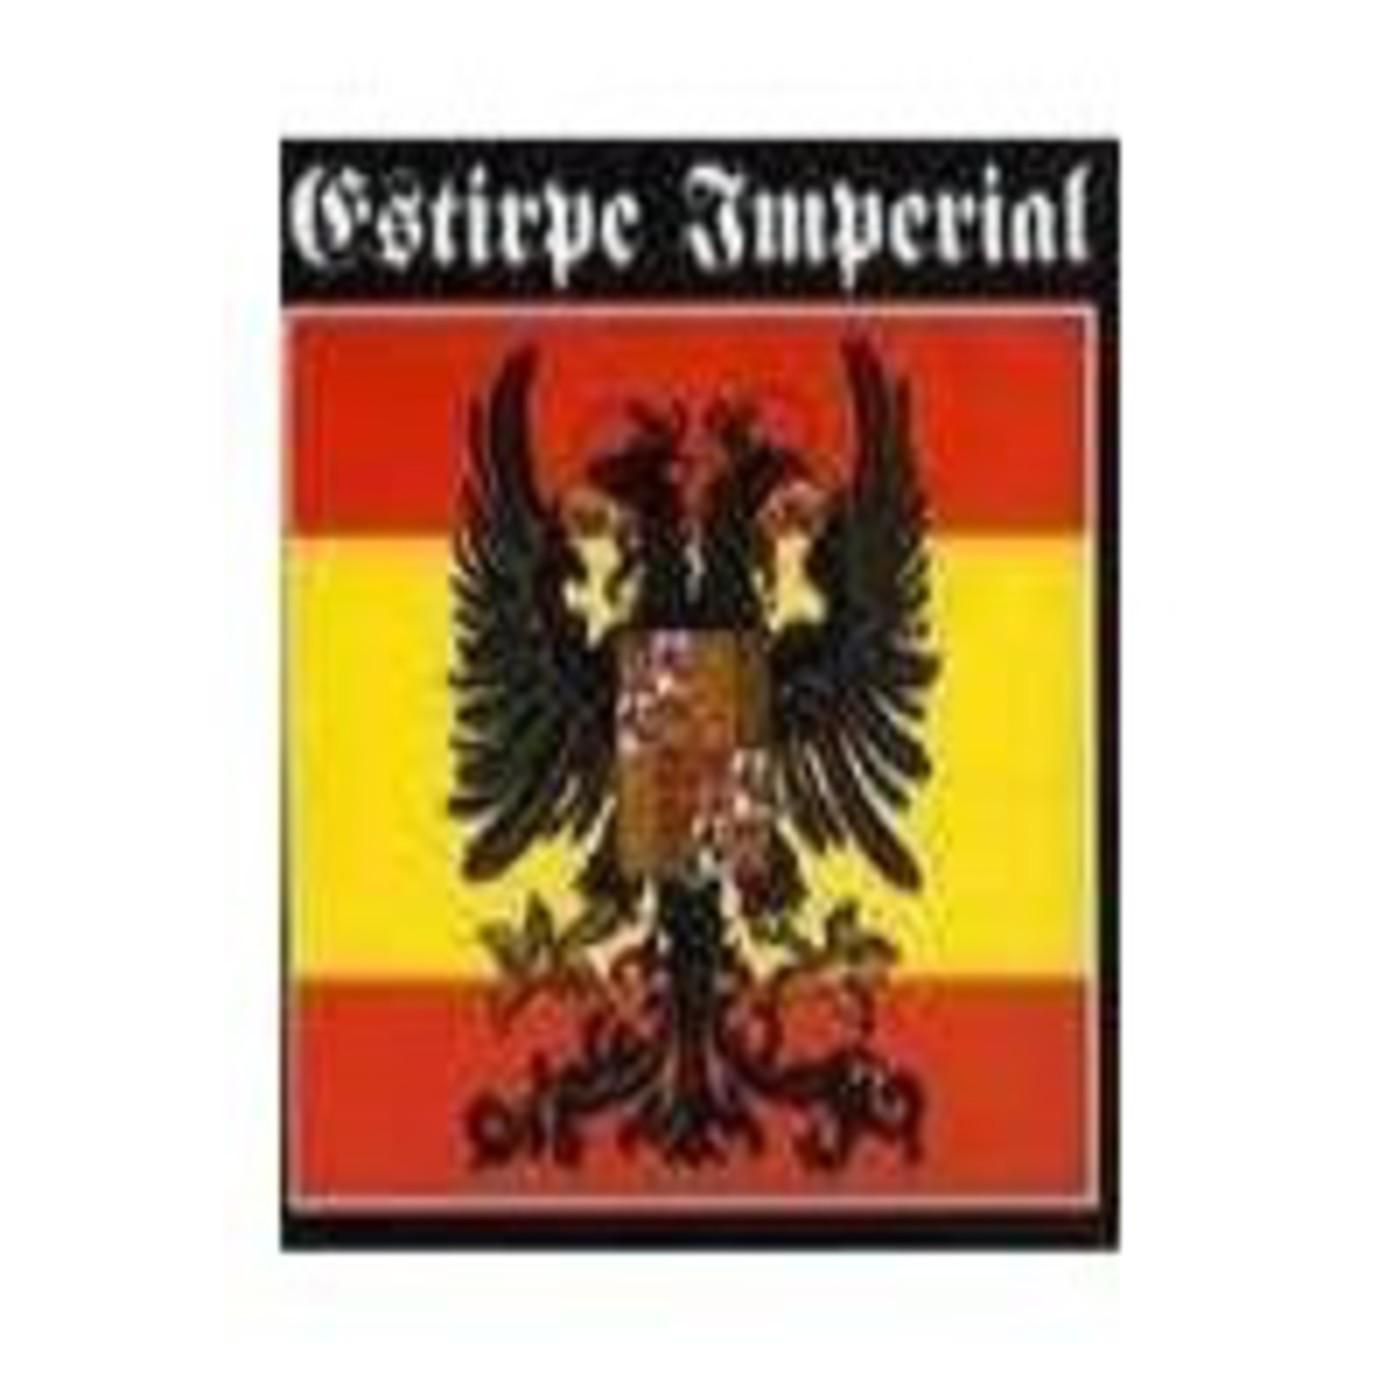 Estirpe imperial - Estirpe imperial